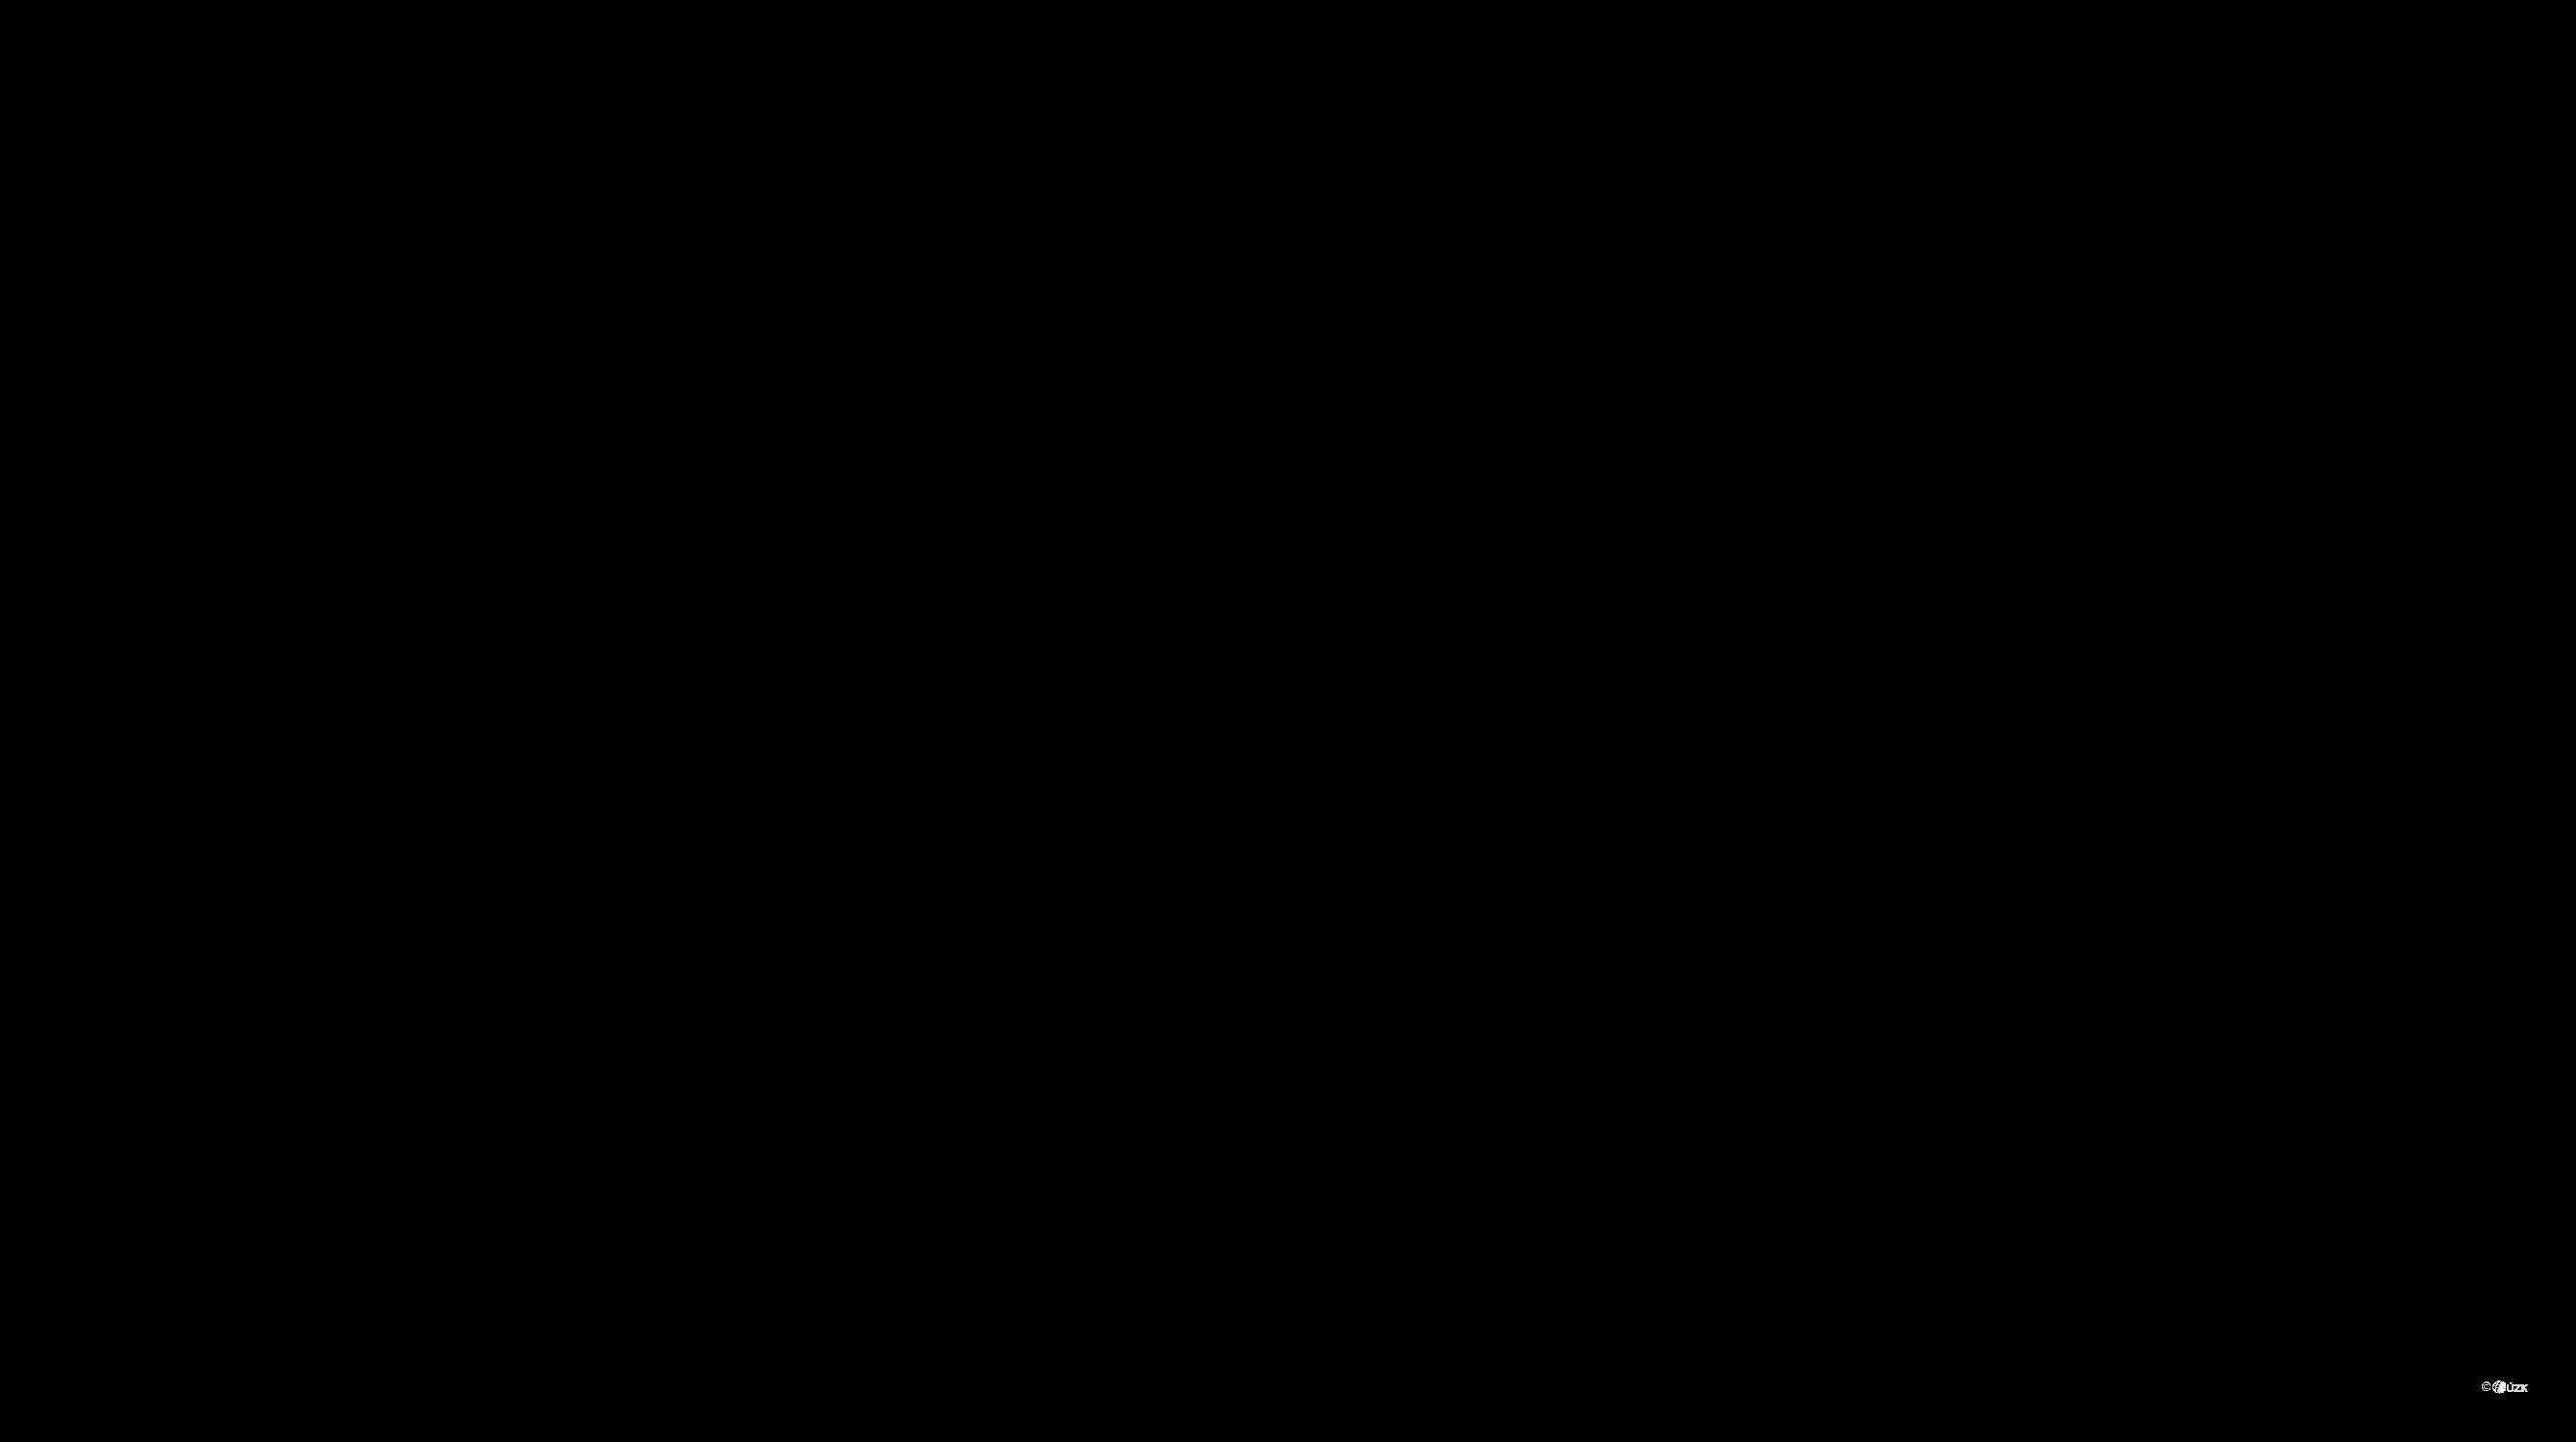 Katastrální mapa pozemků a čísla parcel Hřebečná